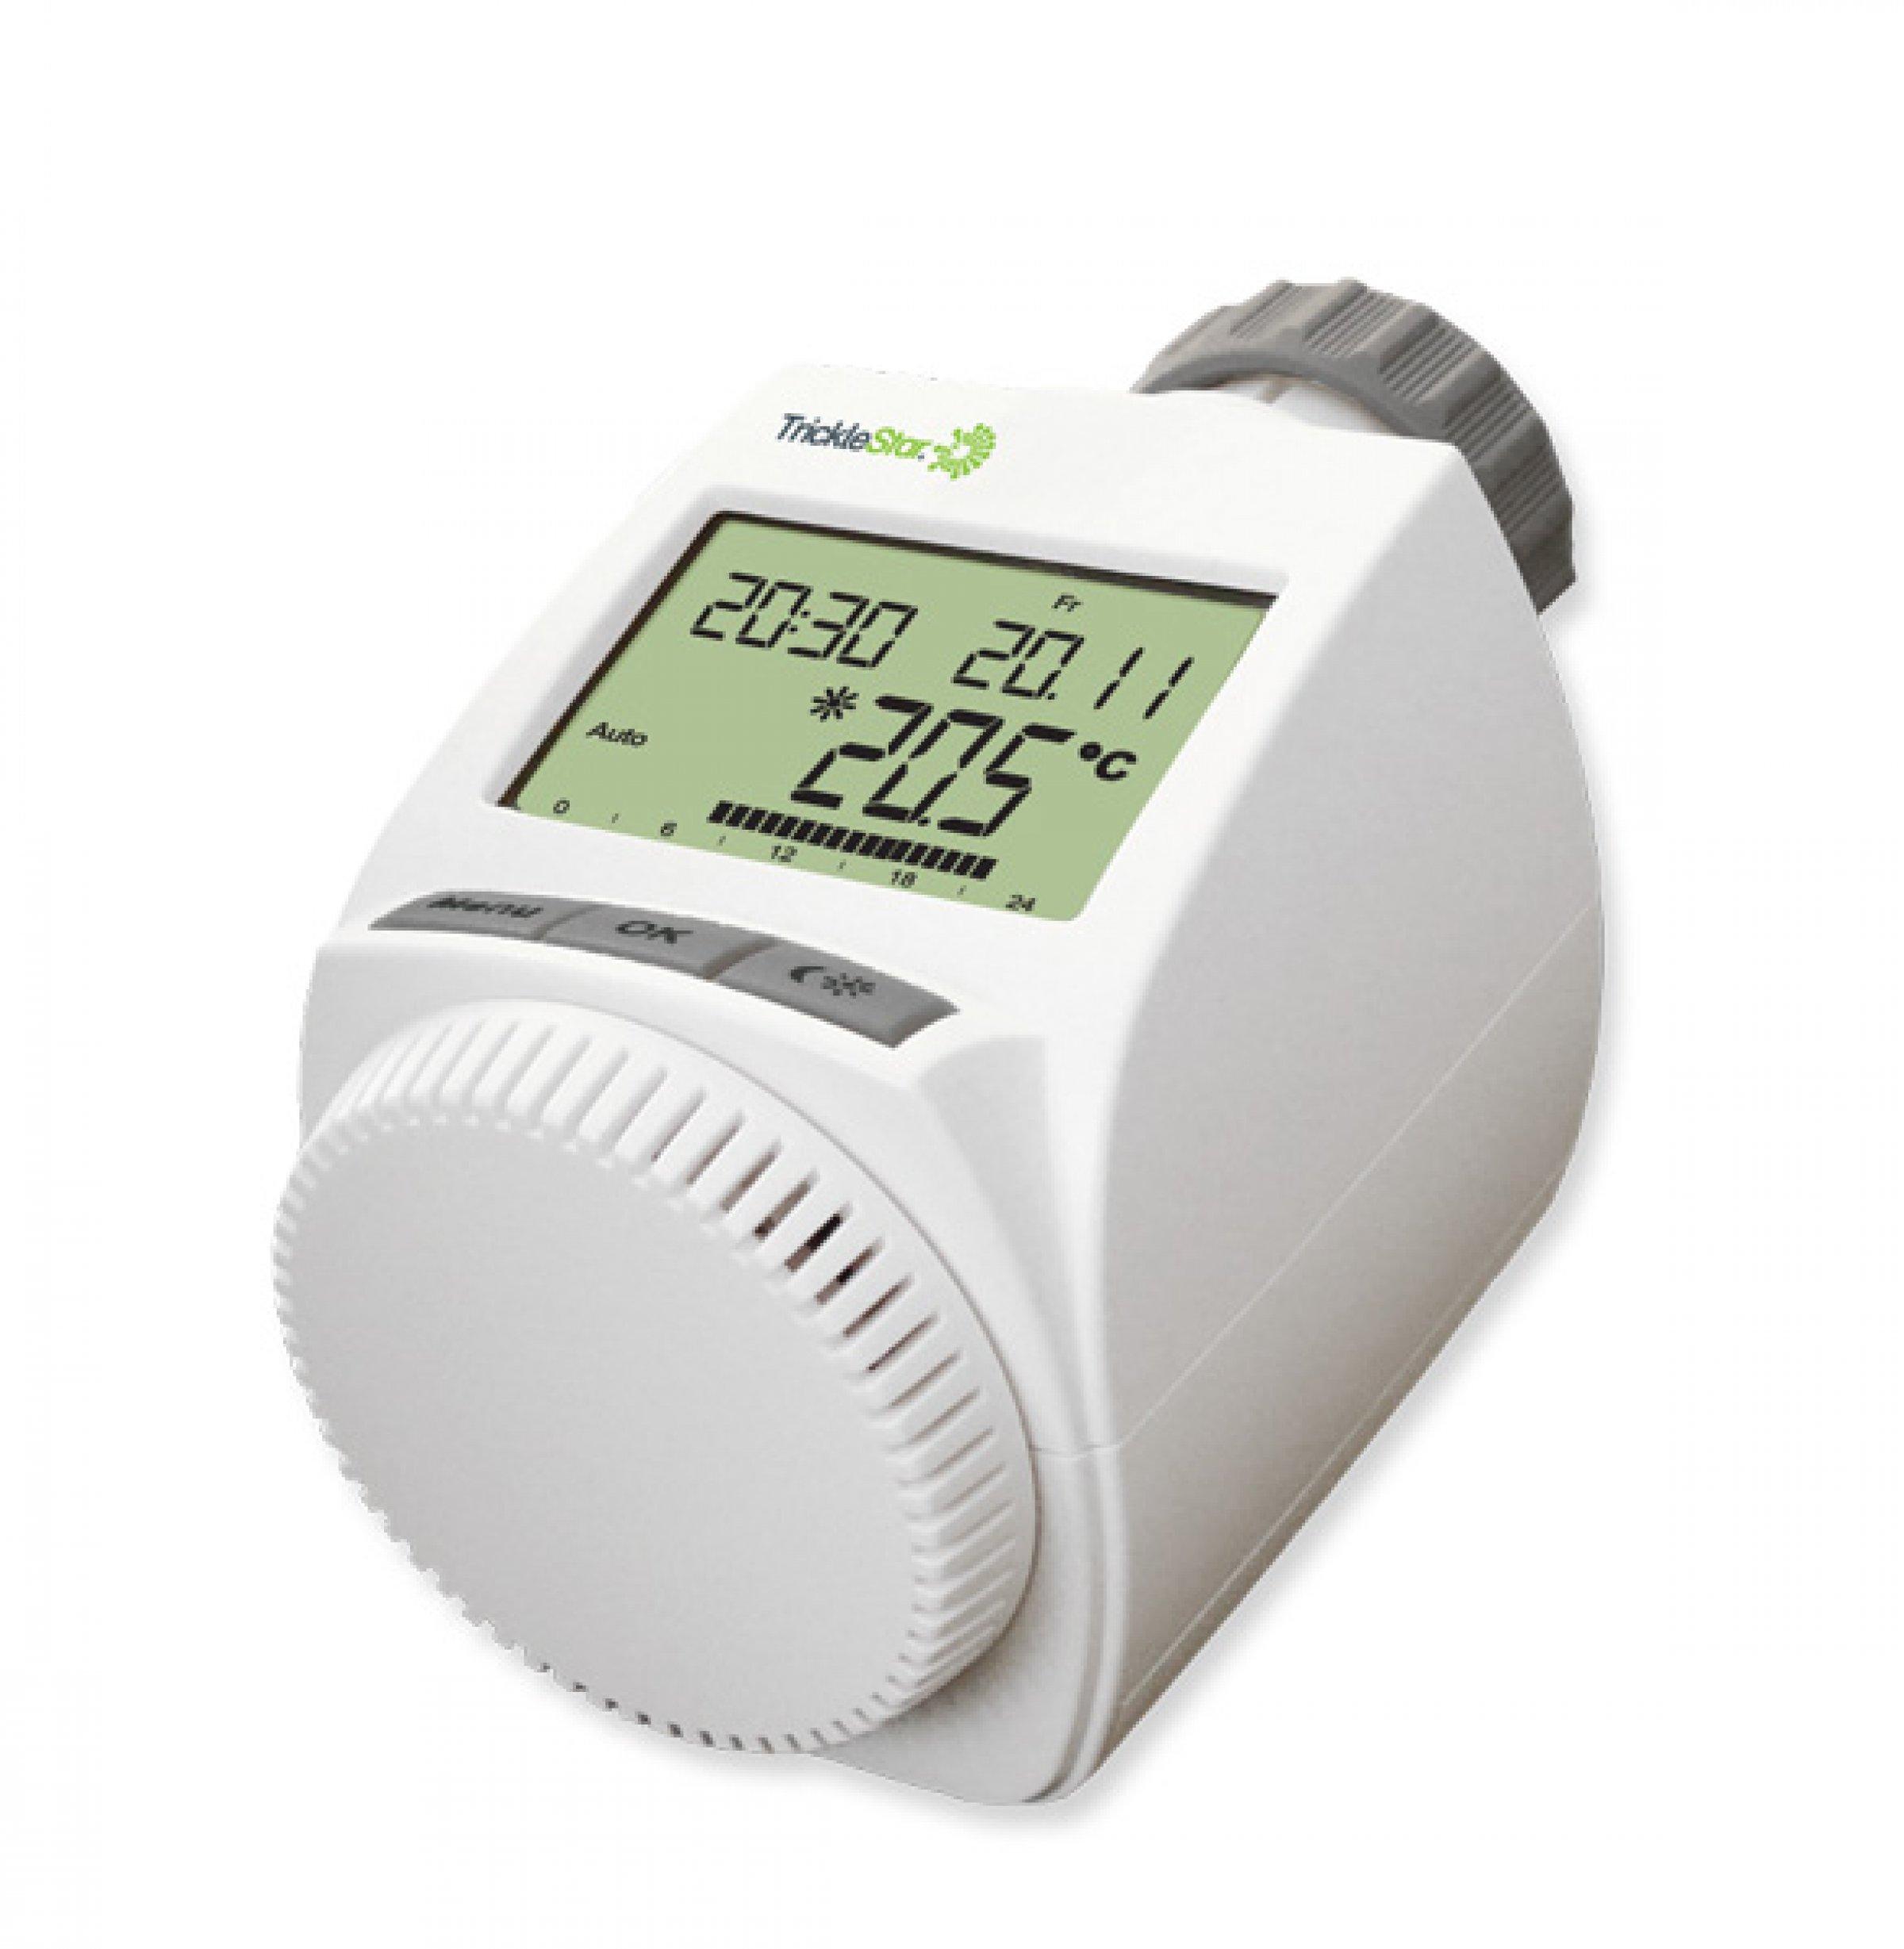 Fremragende Ny termostat fra TrickleStar reducerer varmeforbruget betydeligt BB36